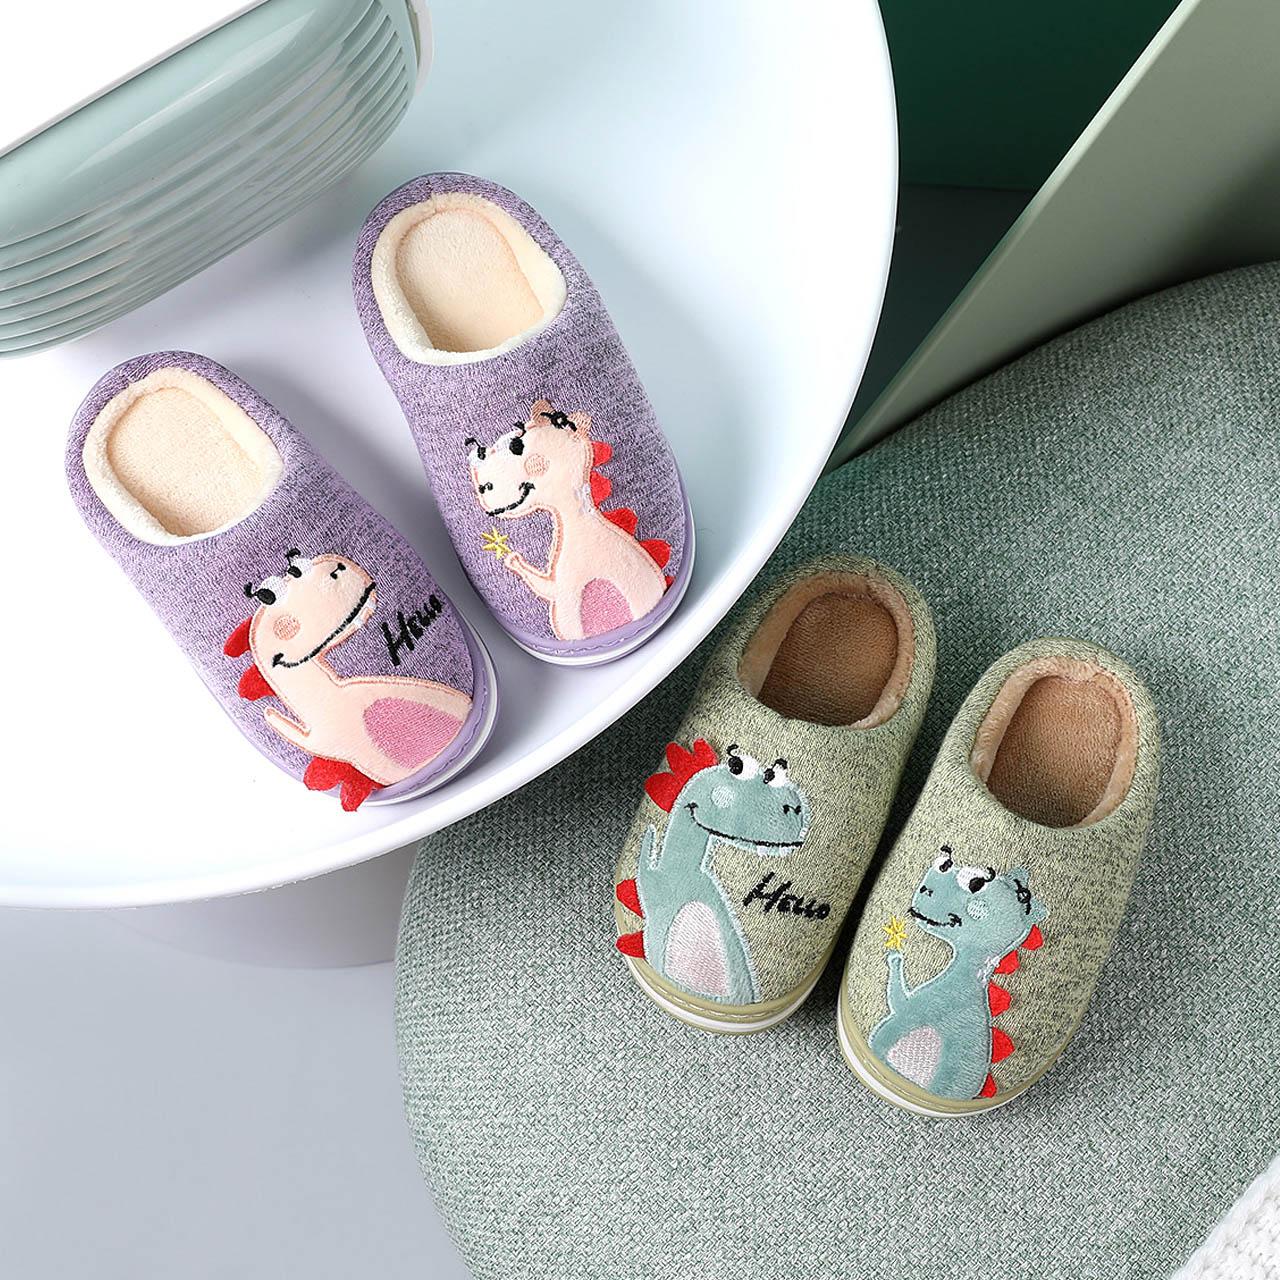 儿童棉拖鞋男童居家可爱恐龙室内小孩防滑女童秋冬季保暖宝宝拖鞋